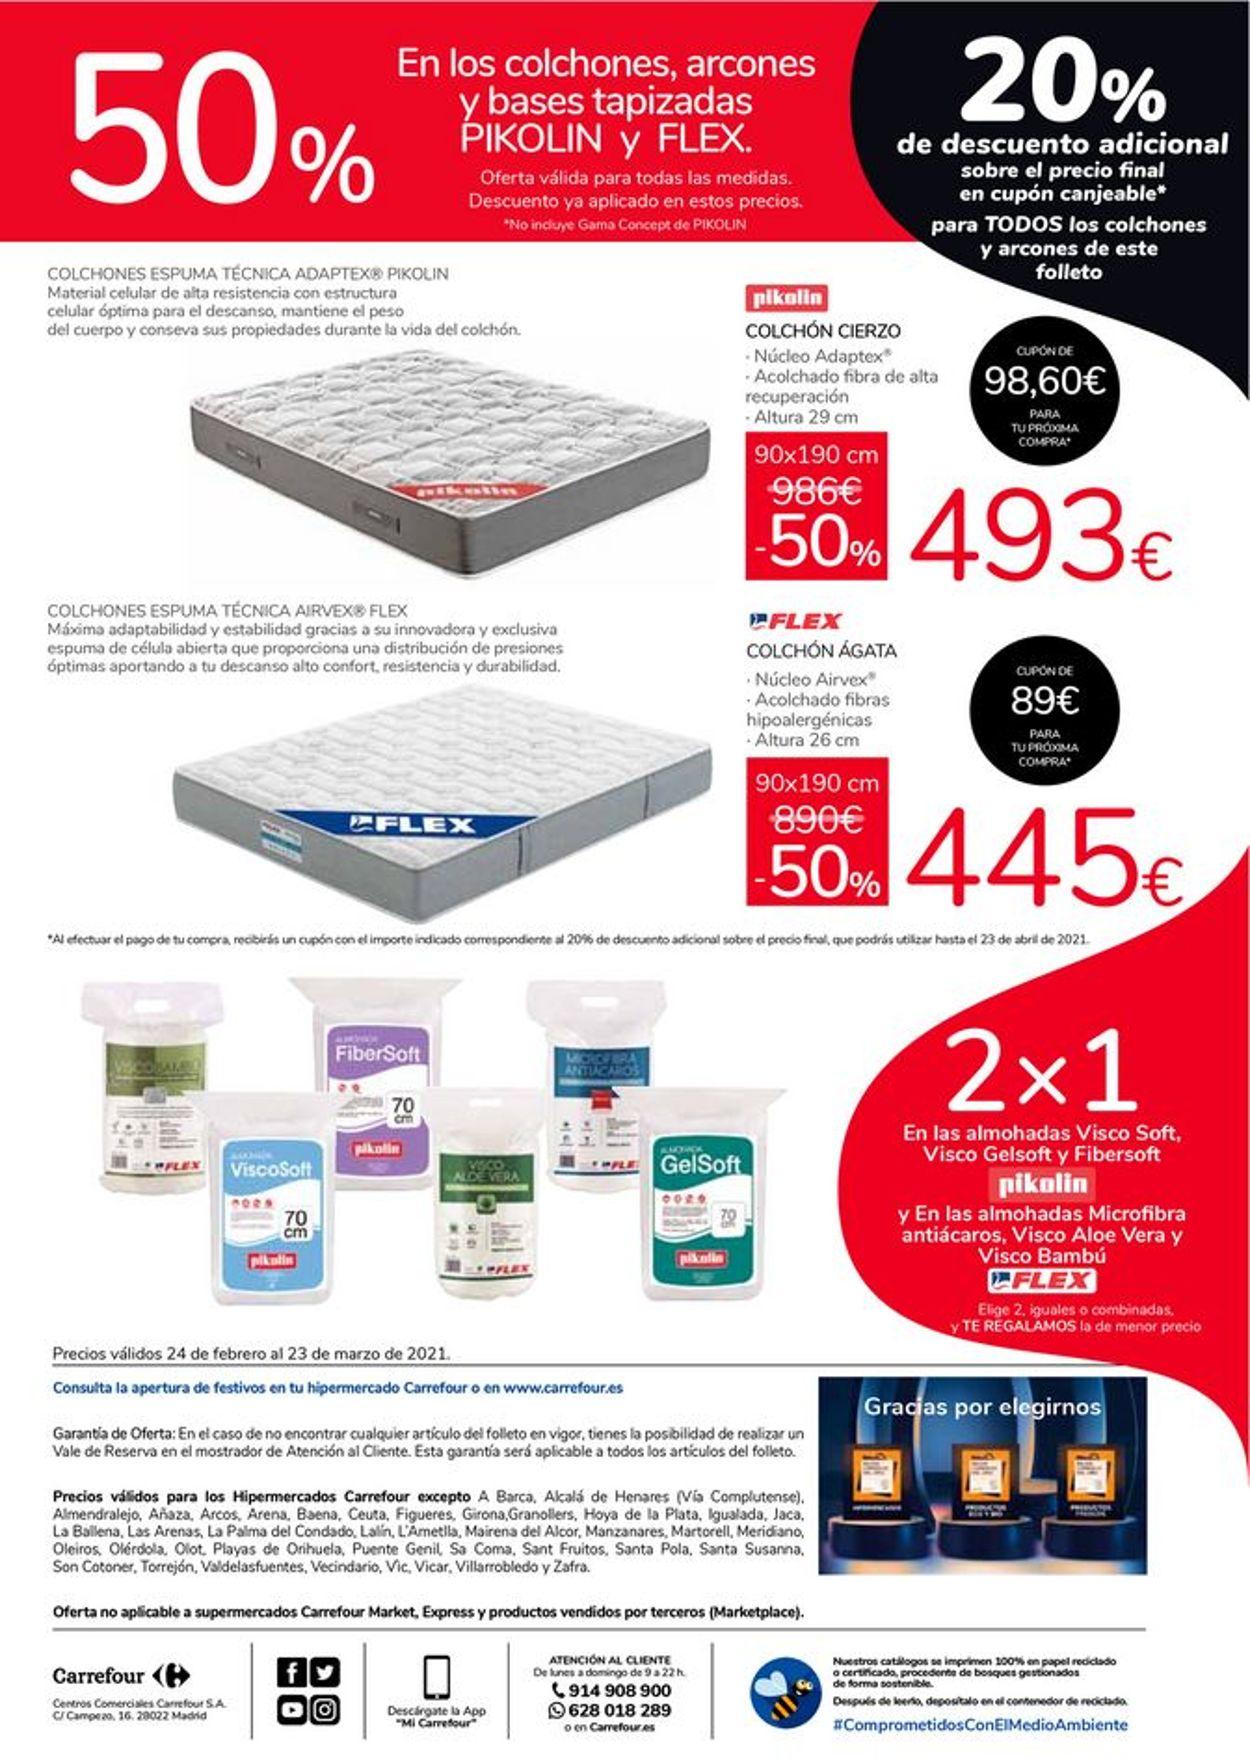 Carrefour 50% de descuento en Pikolin y Flex Folleto - 24.02-23.03.2021 (Página 4)